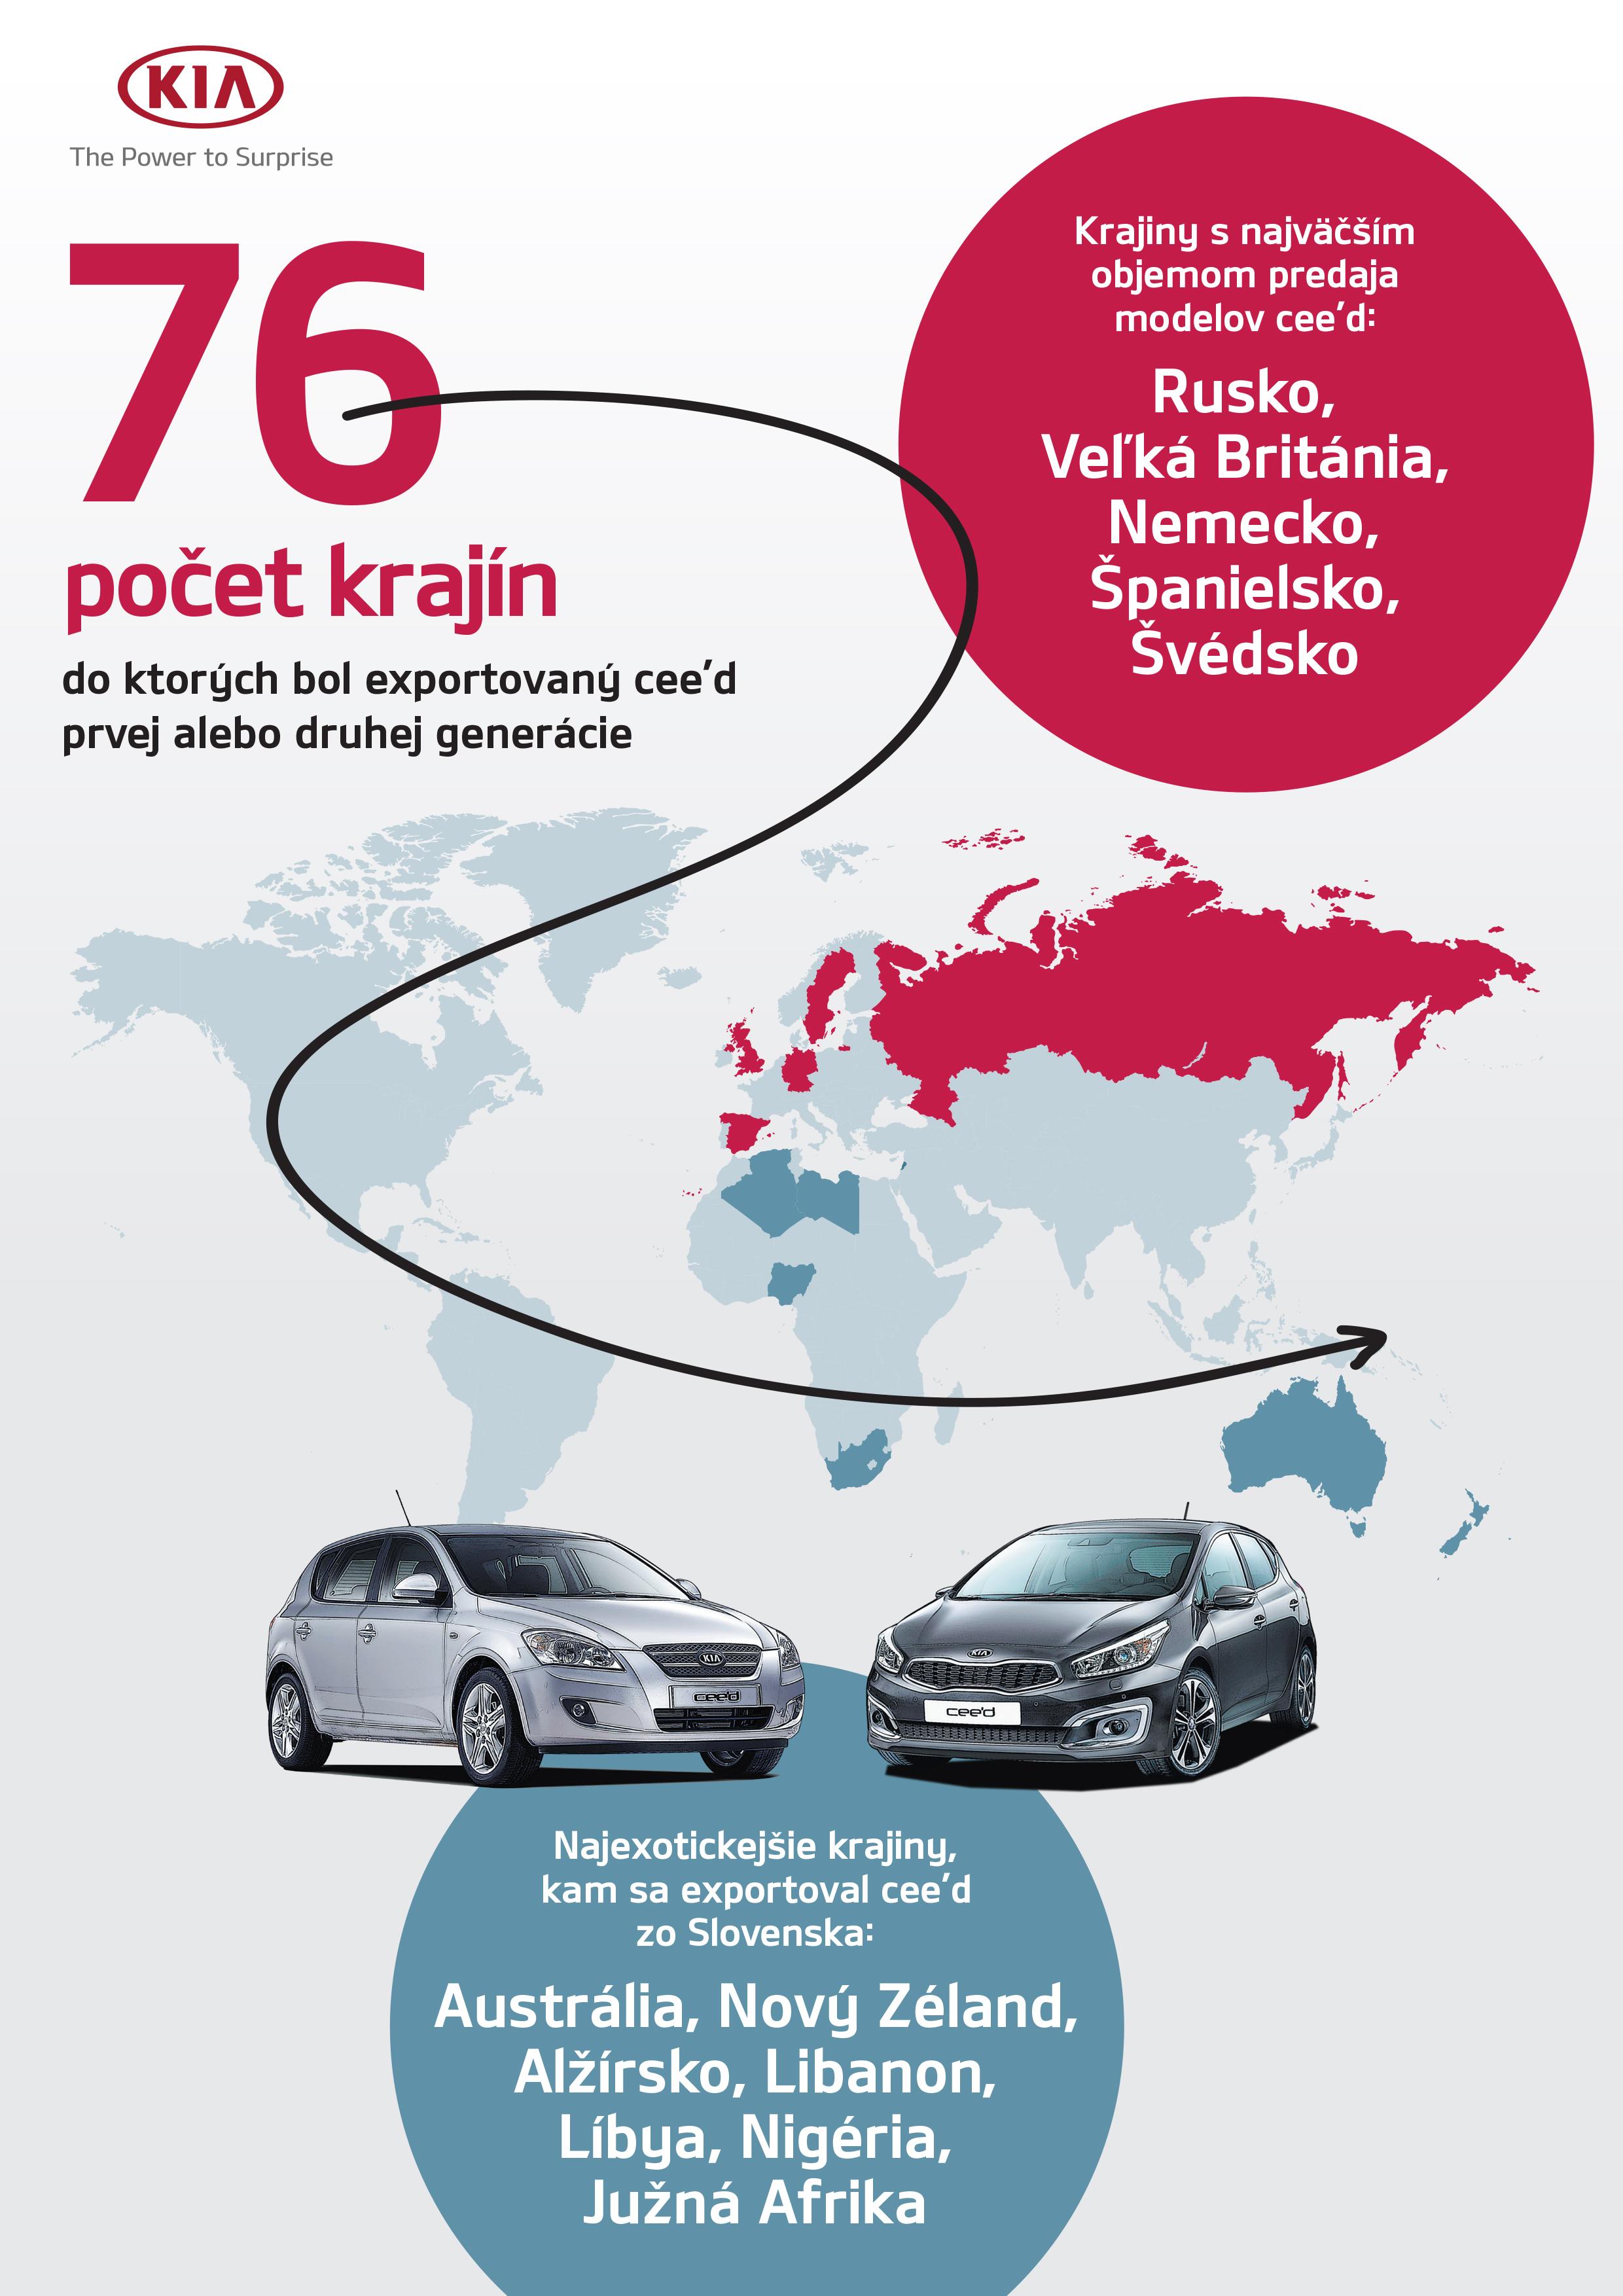 V Žiline dnes odštartuje sériová výroba tretej generácie Kia Ceed